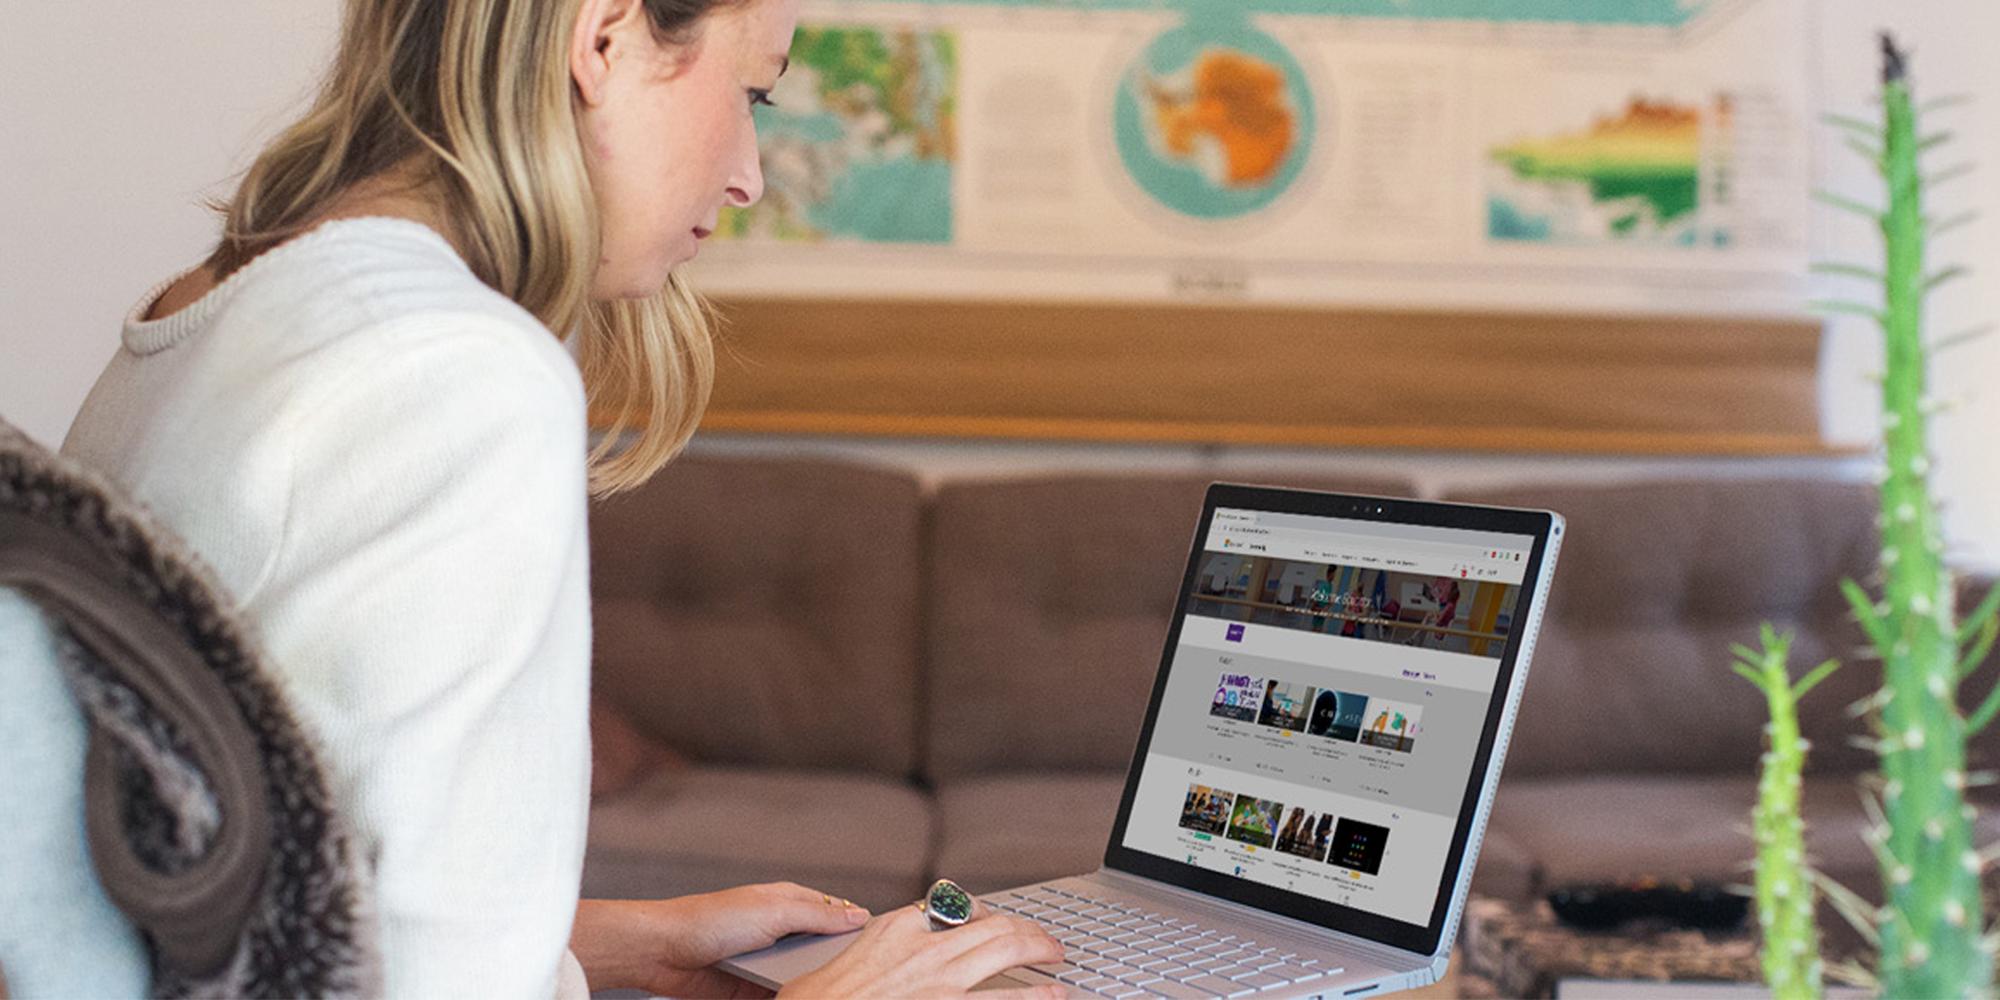 uma mulher a utilizar um portátil